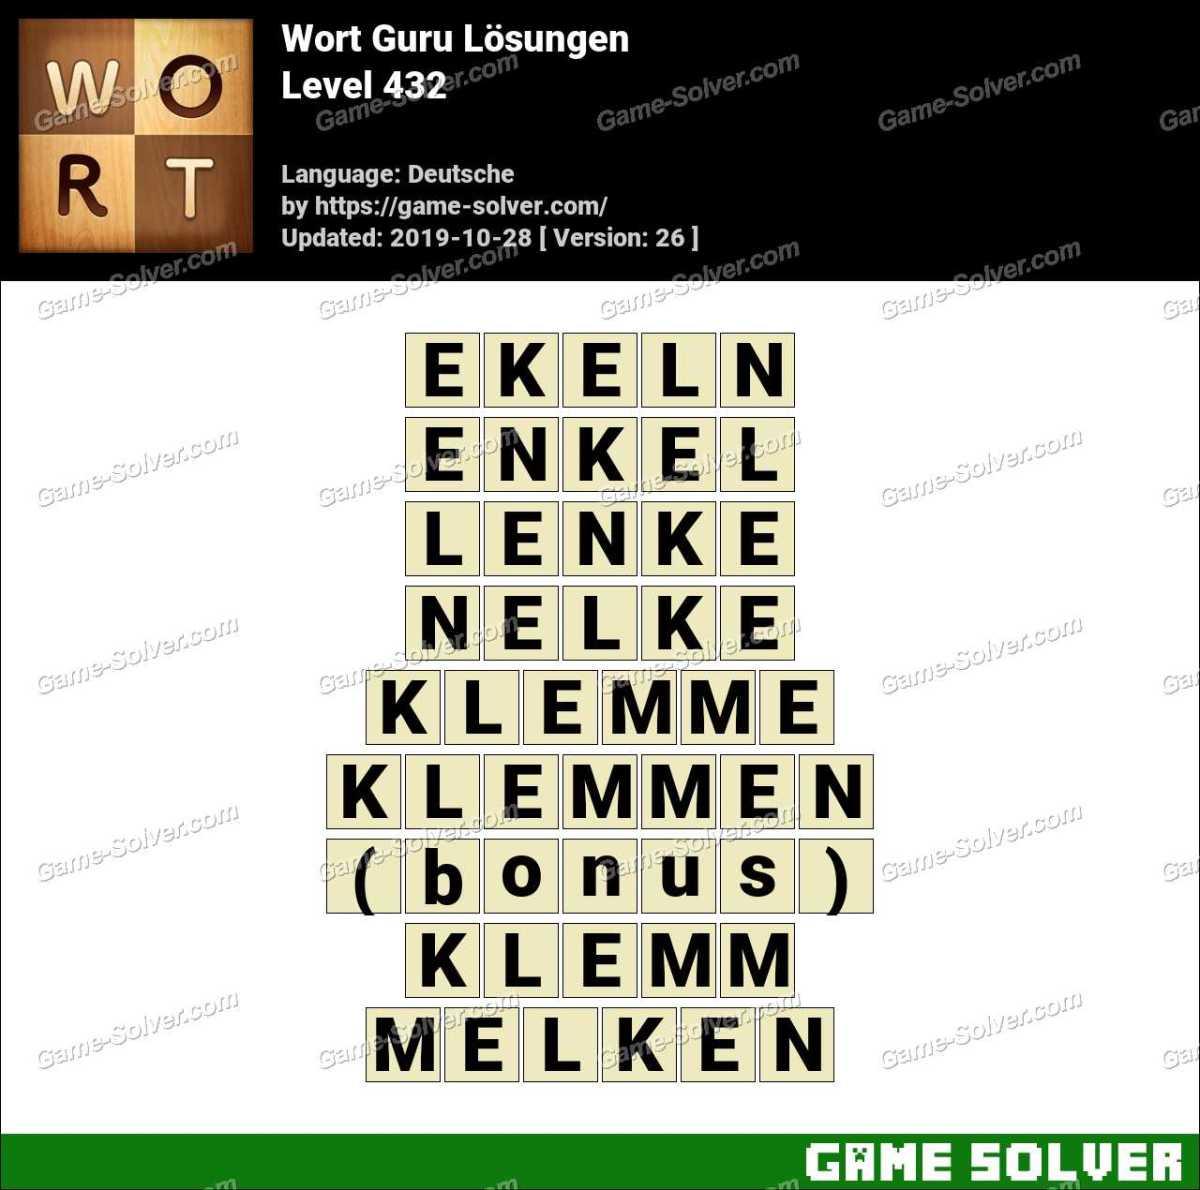 Wort Guru Level 432 Lösungen